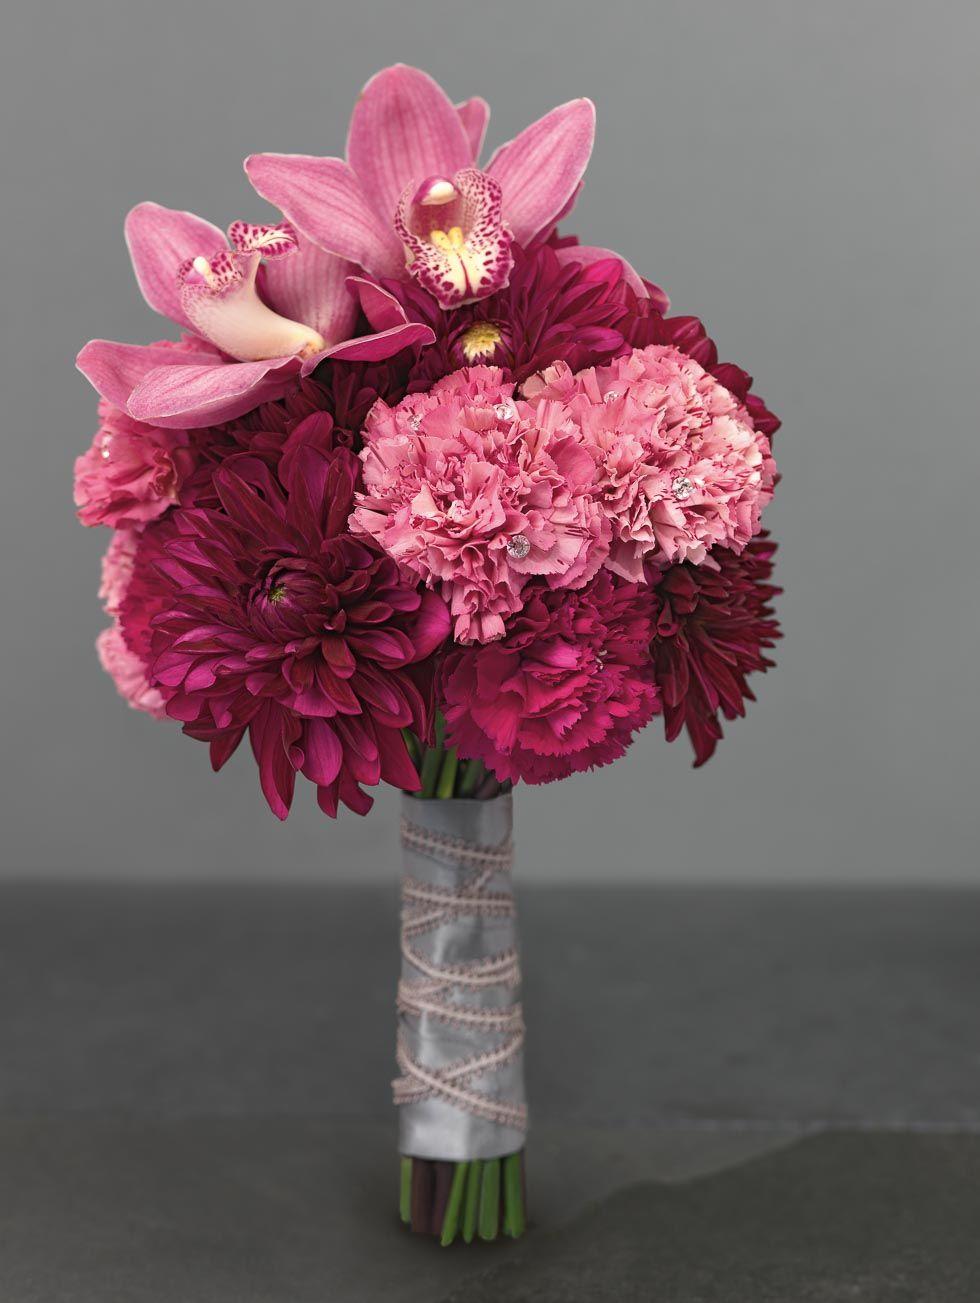 Zauberhafte Brautsträuße für jeden Stil, ob sommerlich mit Wiesenblumen und Hortensien, frühlingshaft mit Pfingstrosen oder winterlich mit Schleierkraut.